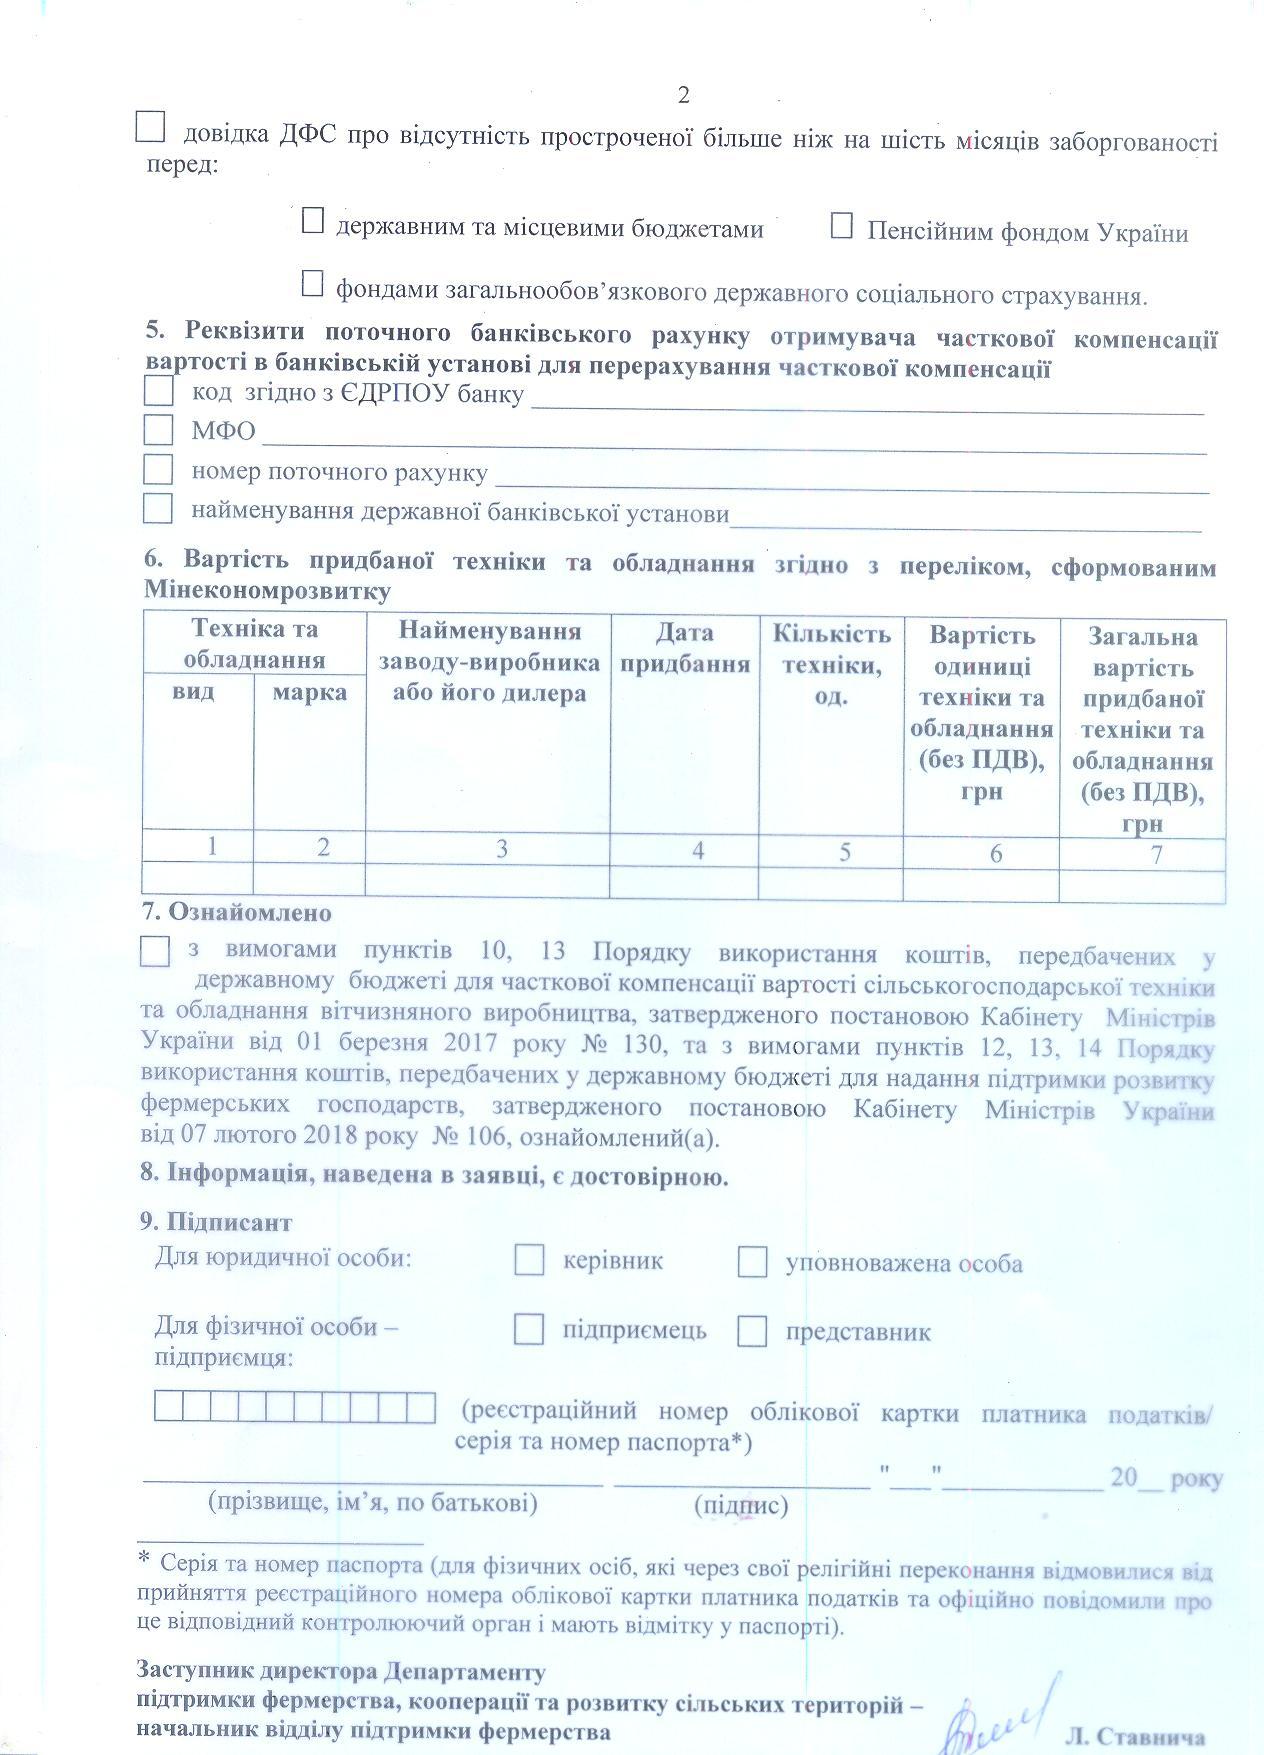 Наказ № 150 заявка 15% 2